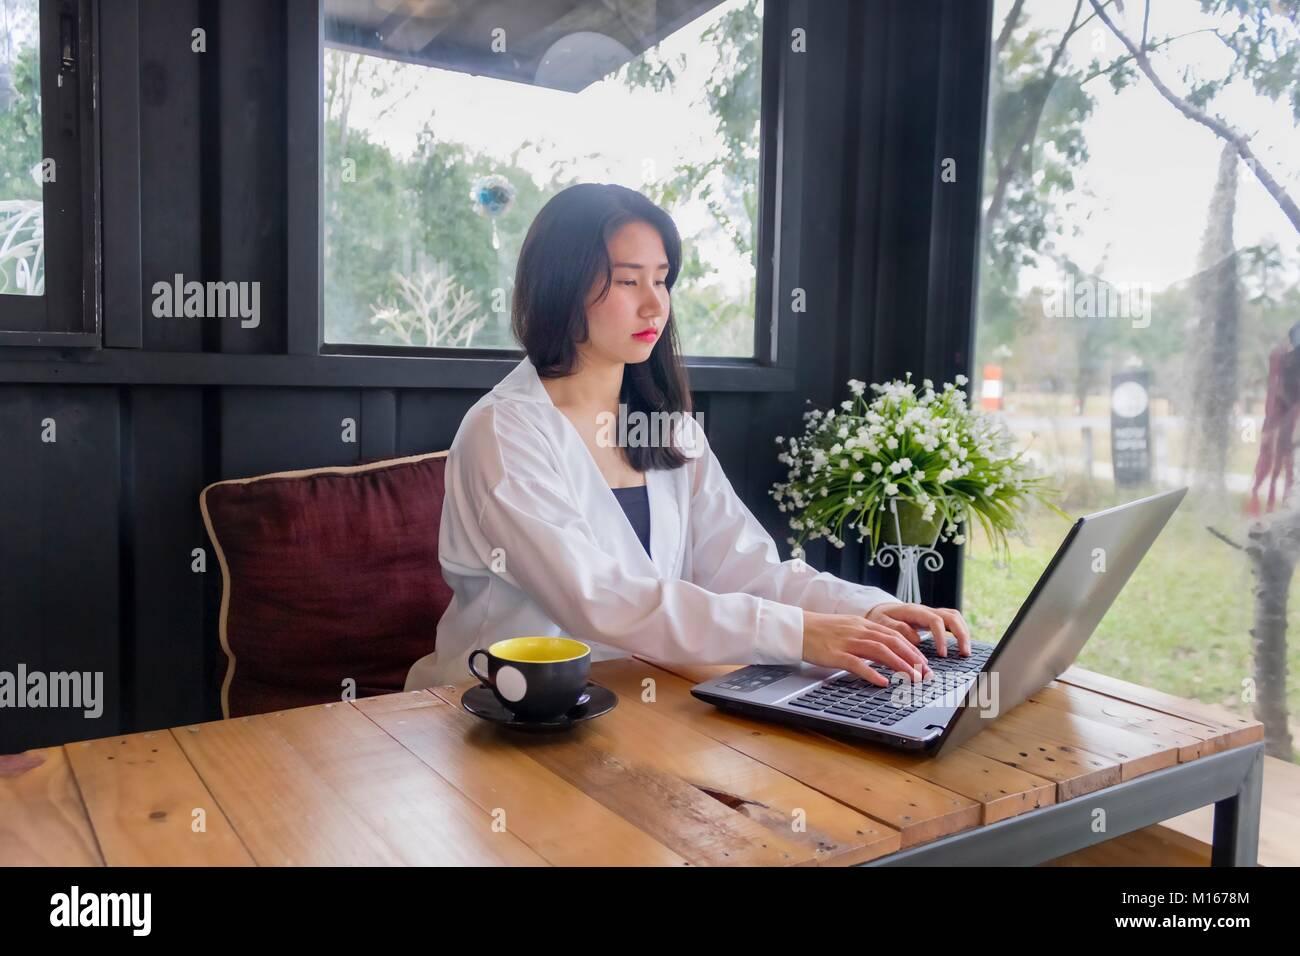 Una Chica Asiatica Con La Camisa Blanca Juega Notebook Sobre Mesa De Madera En La Habitacion Negra Fotografia De Stock Alamy